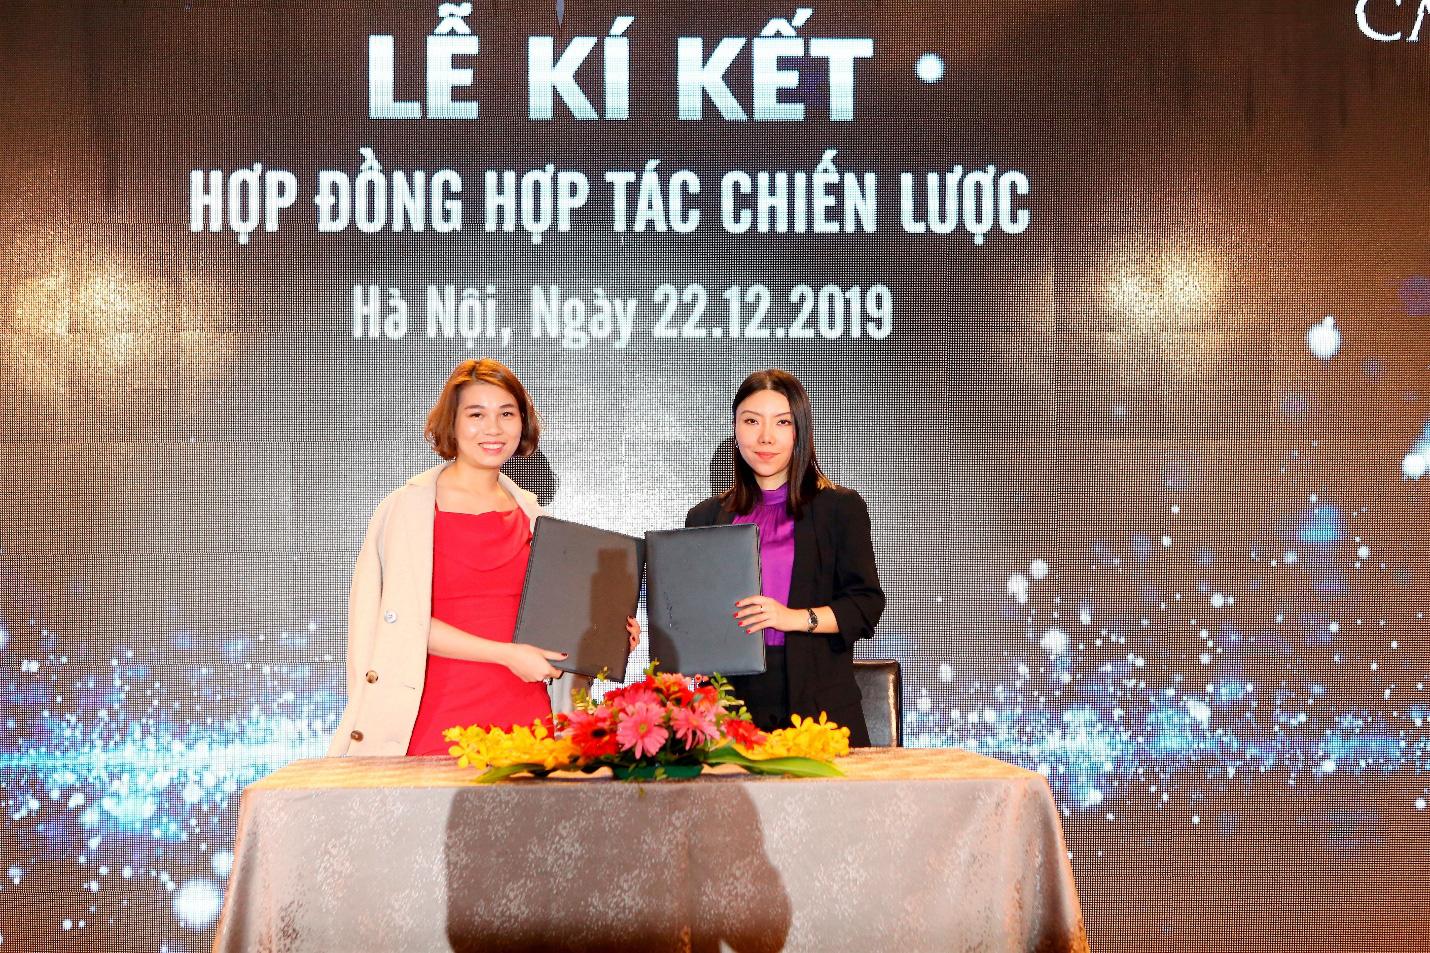 Thêm một thương hiệu mỹ phẩm Tây Ban Nha ra mắt tại Việt Nam - Có gì đặc biệt? - Ảnh 4.